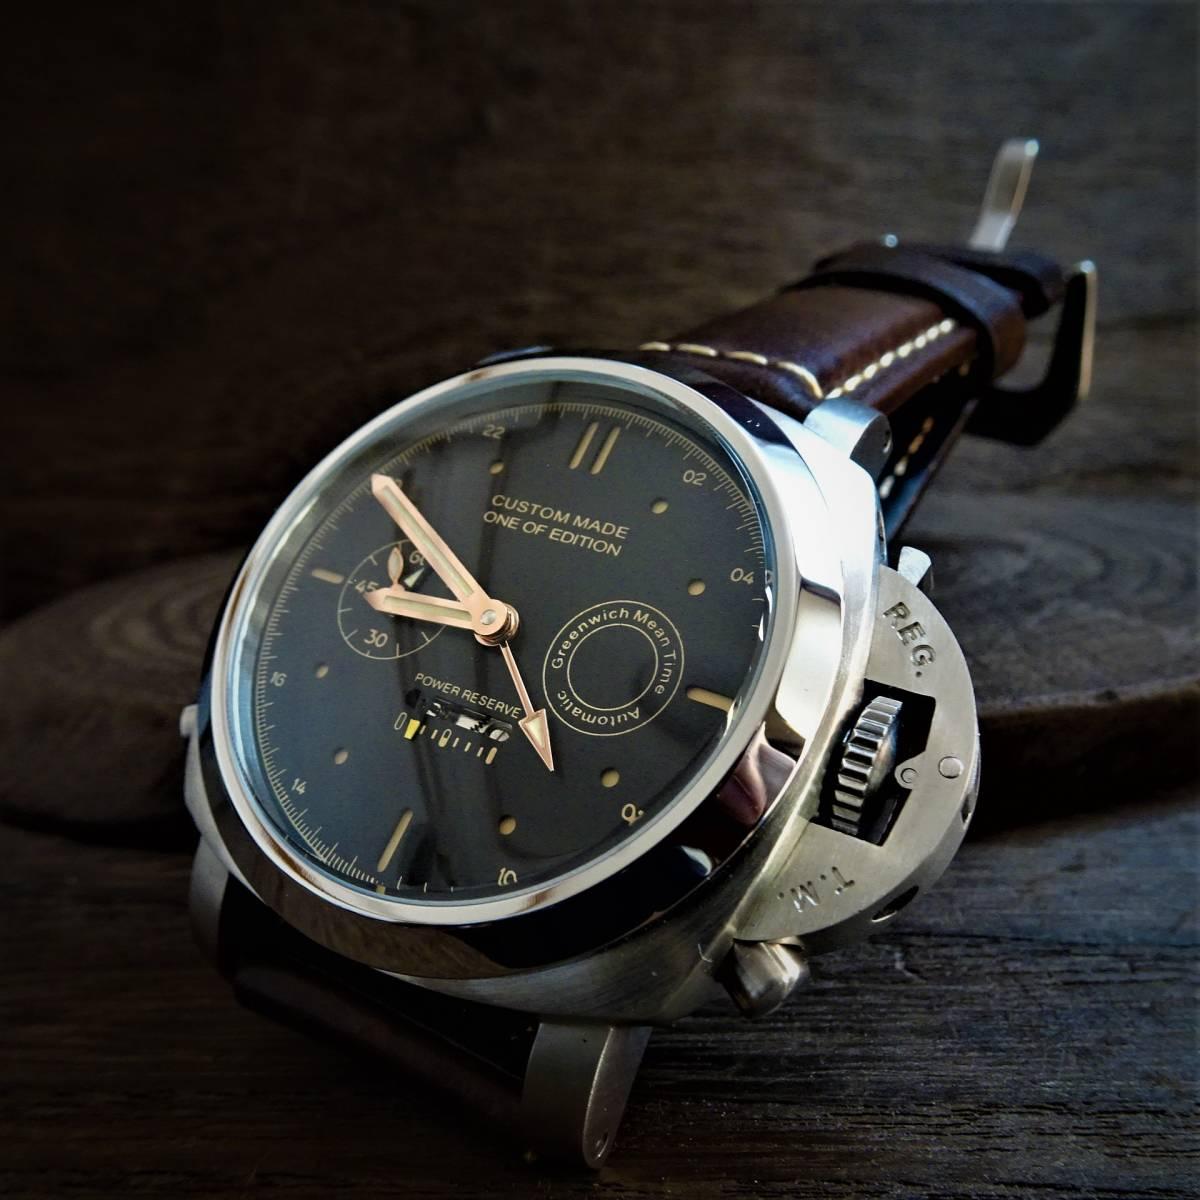 〓新品〓高級自動巻きGMT機械式腕時計★Custom Made One of Edition マリーナミリターレ★316Lステンレスケース レトロ本革ベルト